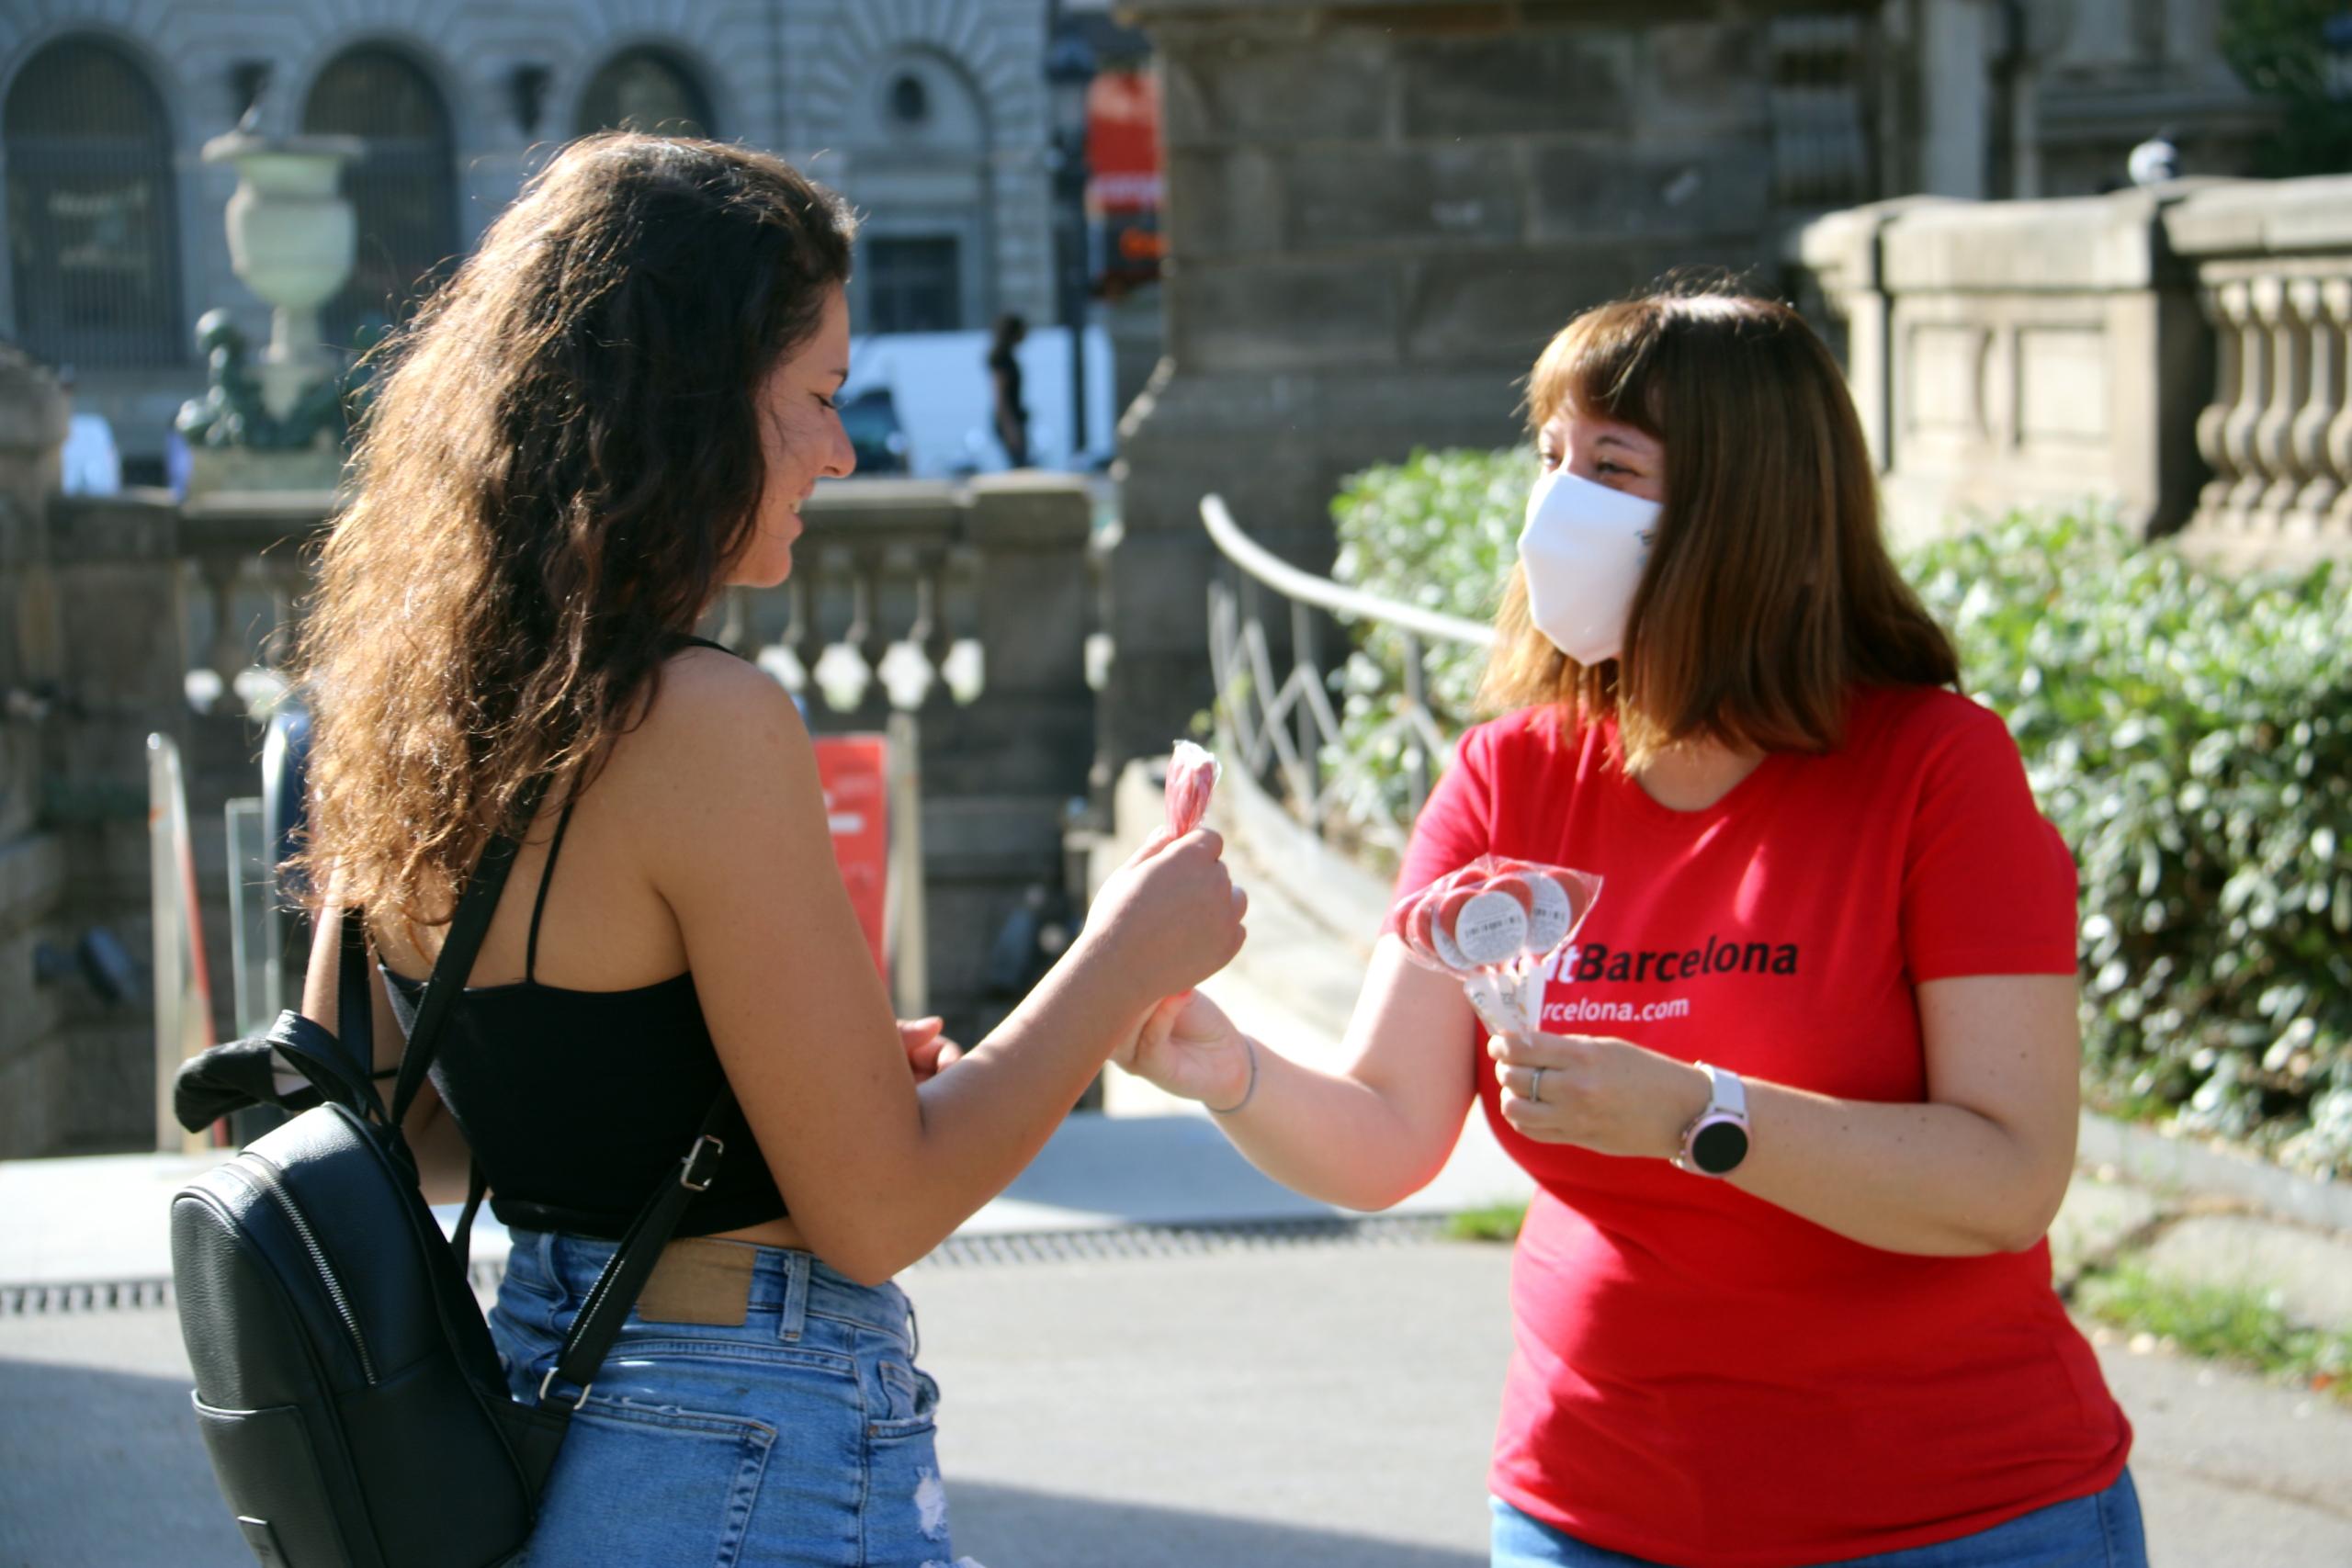 Una persona de Turisme de Barcelona repartint piruletes en forma de cor, en el marc de la nova campanya de l'entitat per demanar civisme als visitants (ACN)